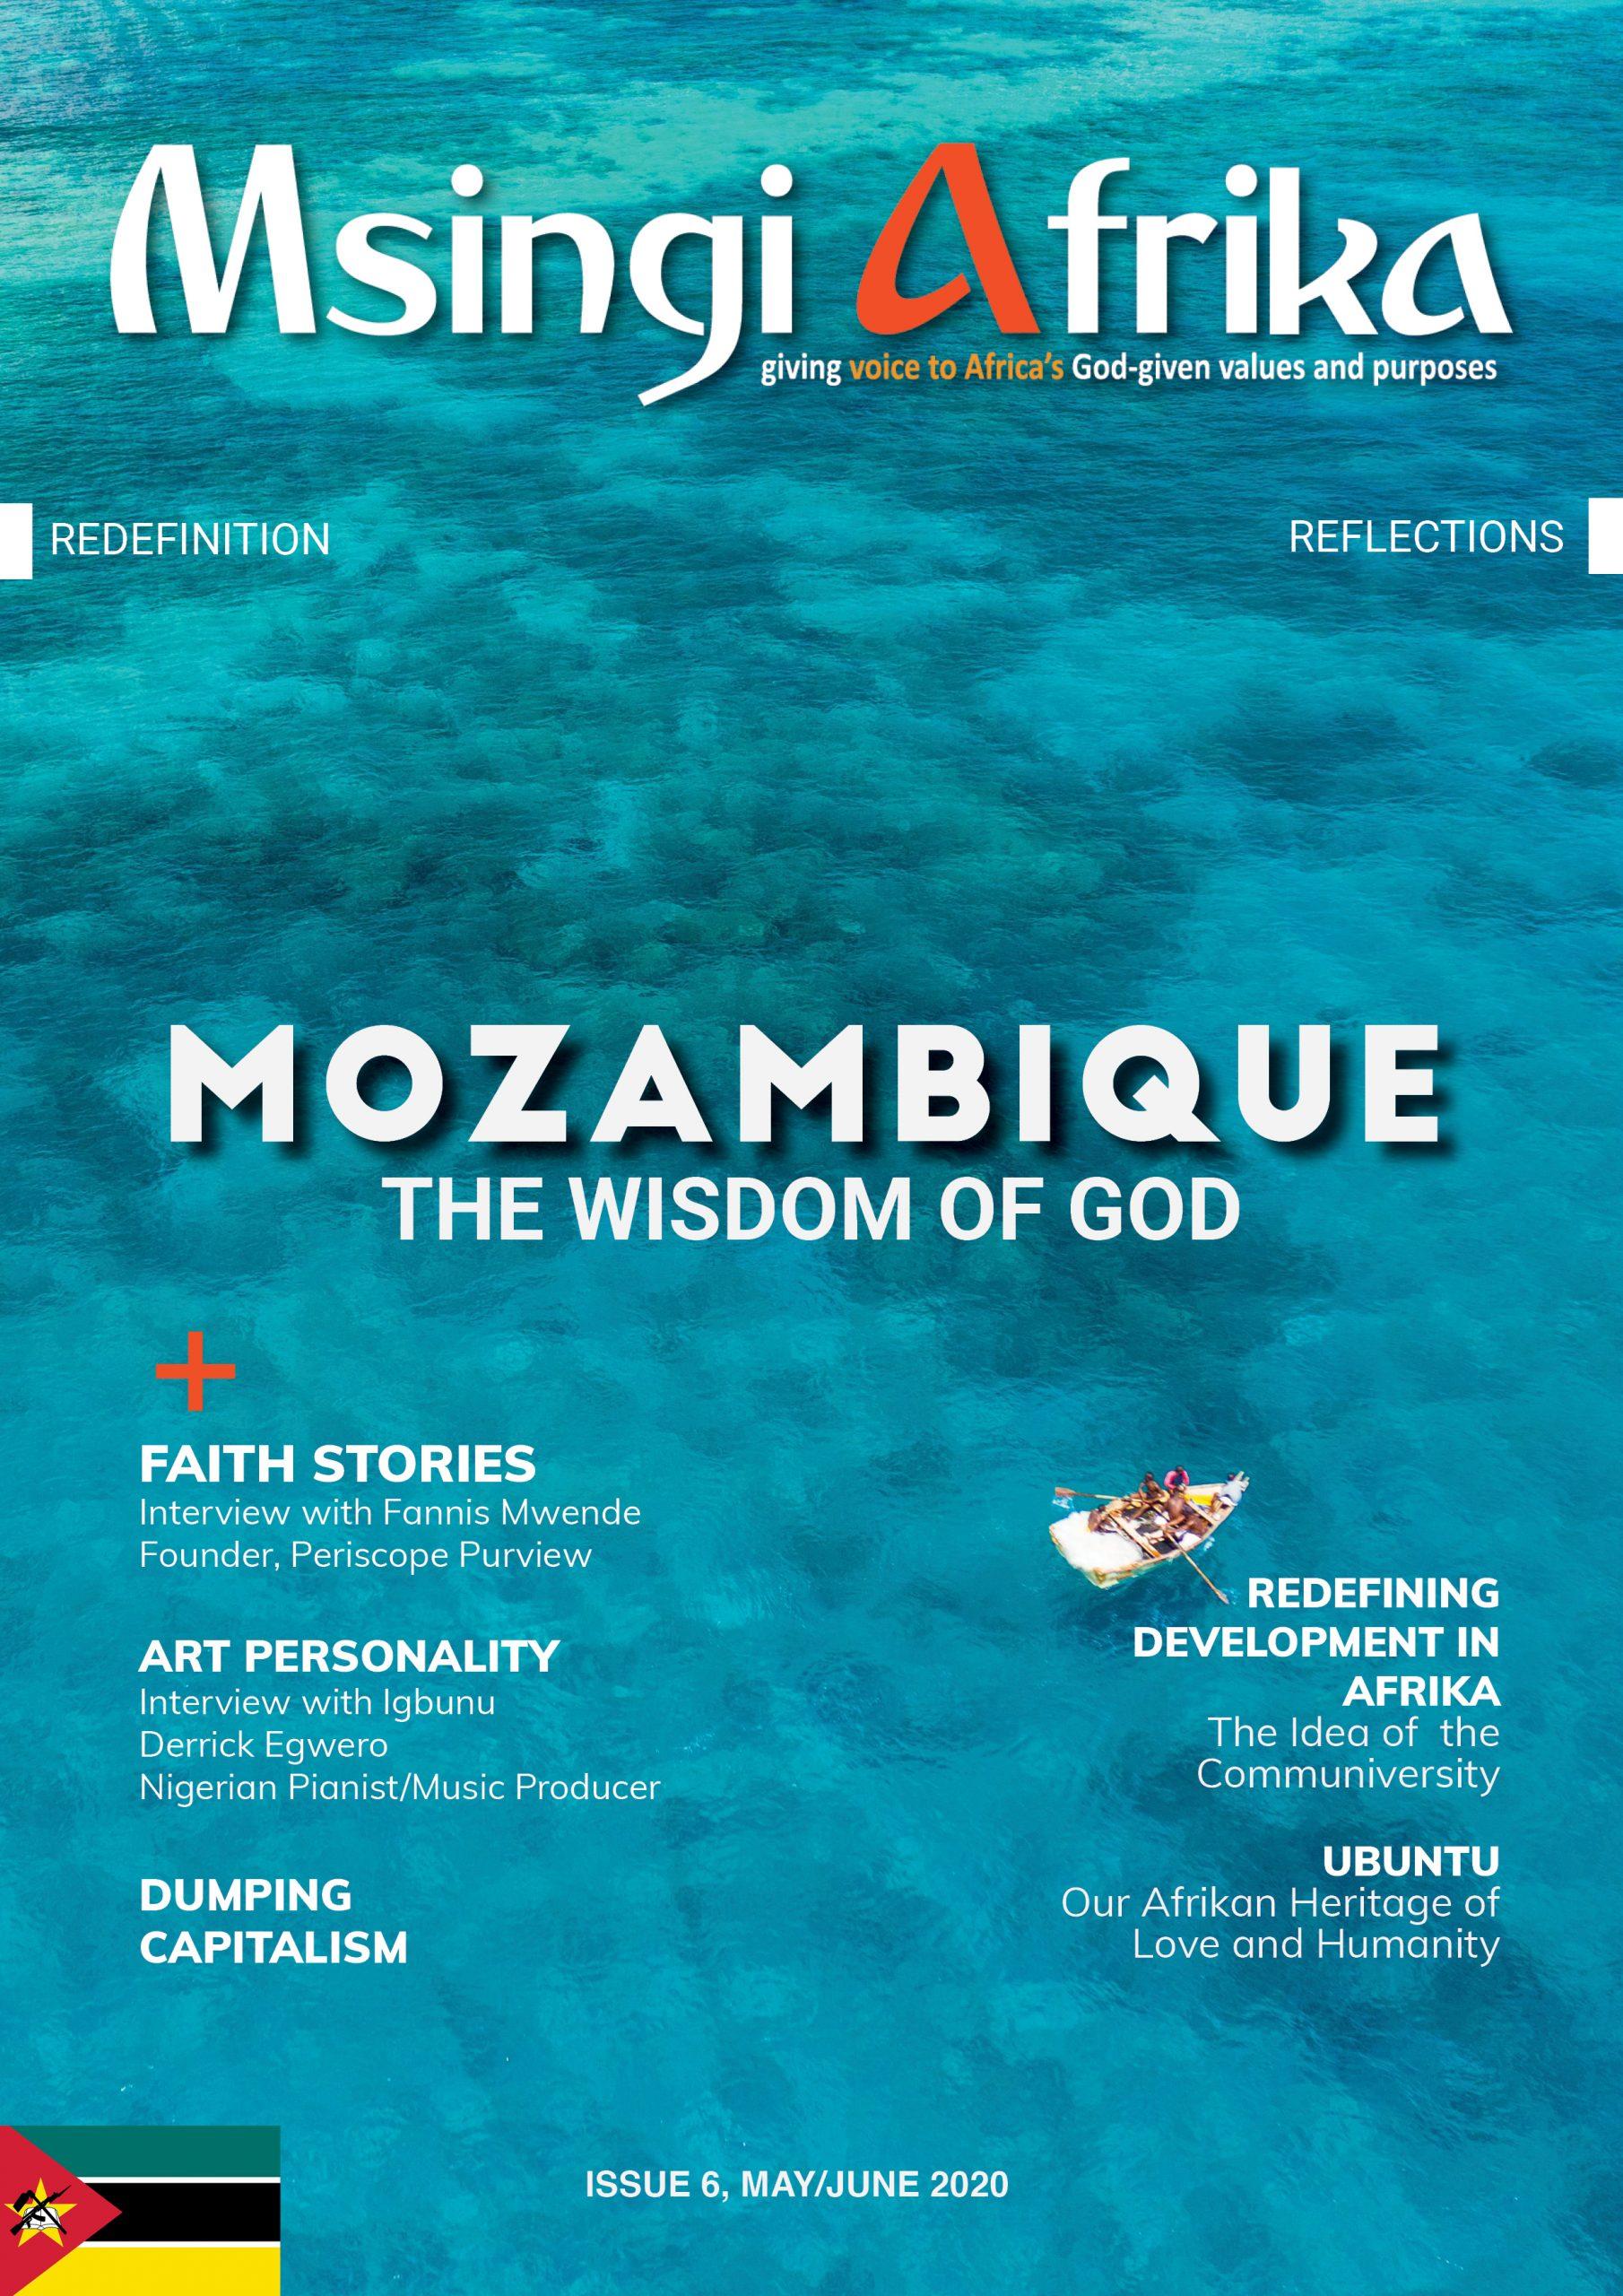 MSINGI-AFRIKA-MAGAZINE-ISSUE-SIX-scaled.jpg